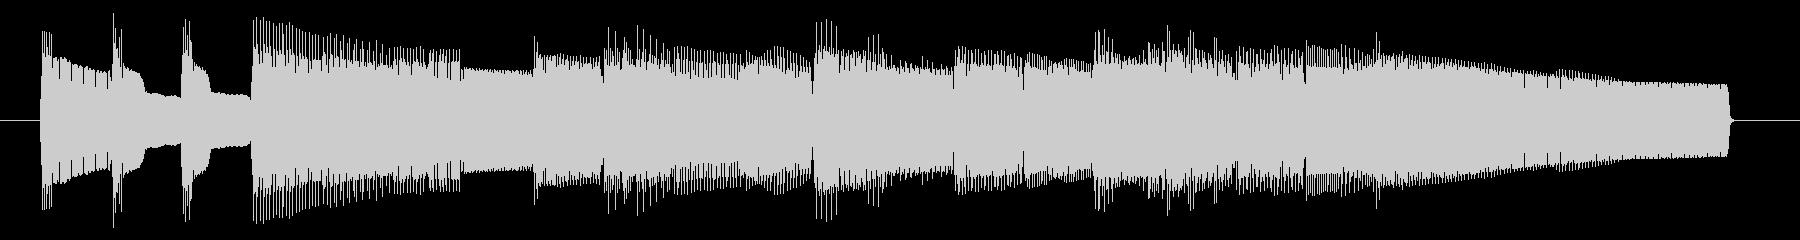 NES 汎用 B03-1(クリア1)の未再生の波形